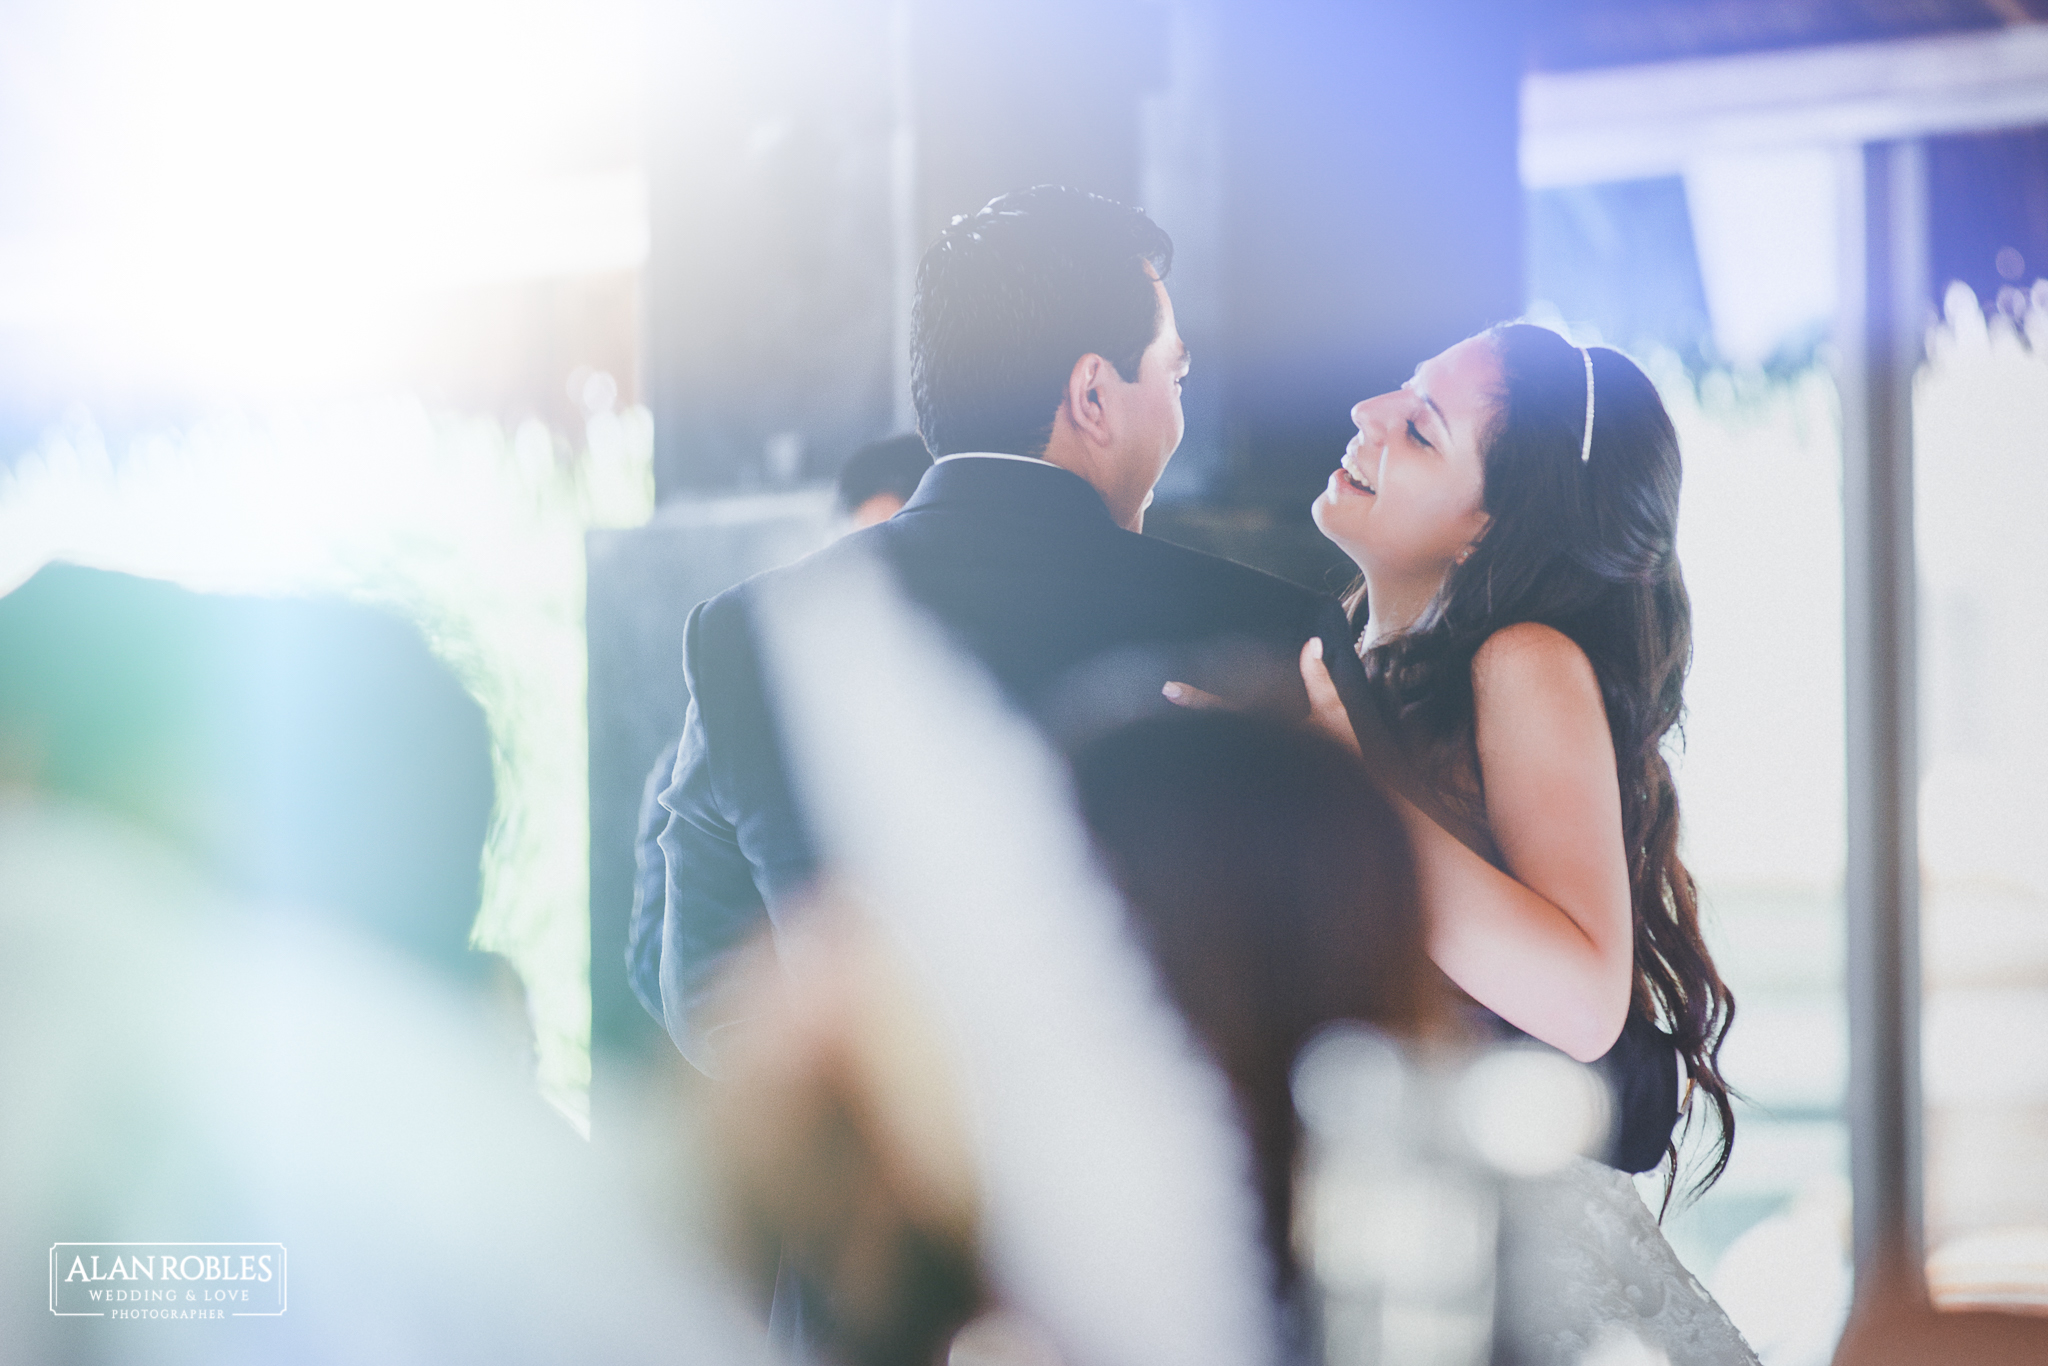 Vals de los novios en su boda. Primer baile juntos en Hacienda Los Pozos. Alan Robles Fotografo de bodas en Guadalajara.